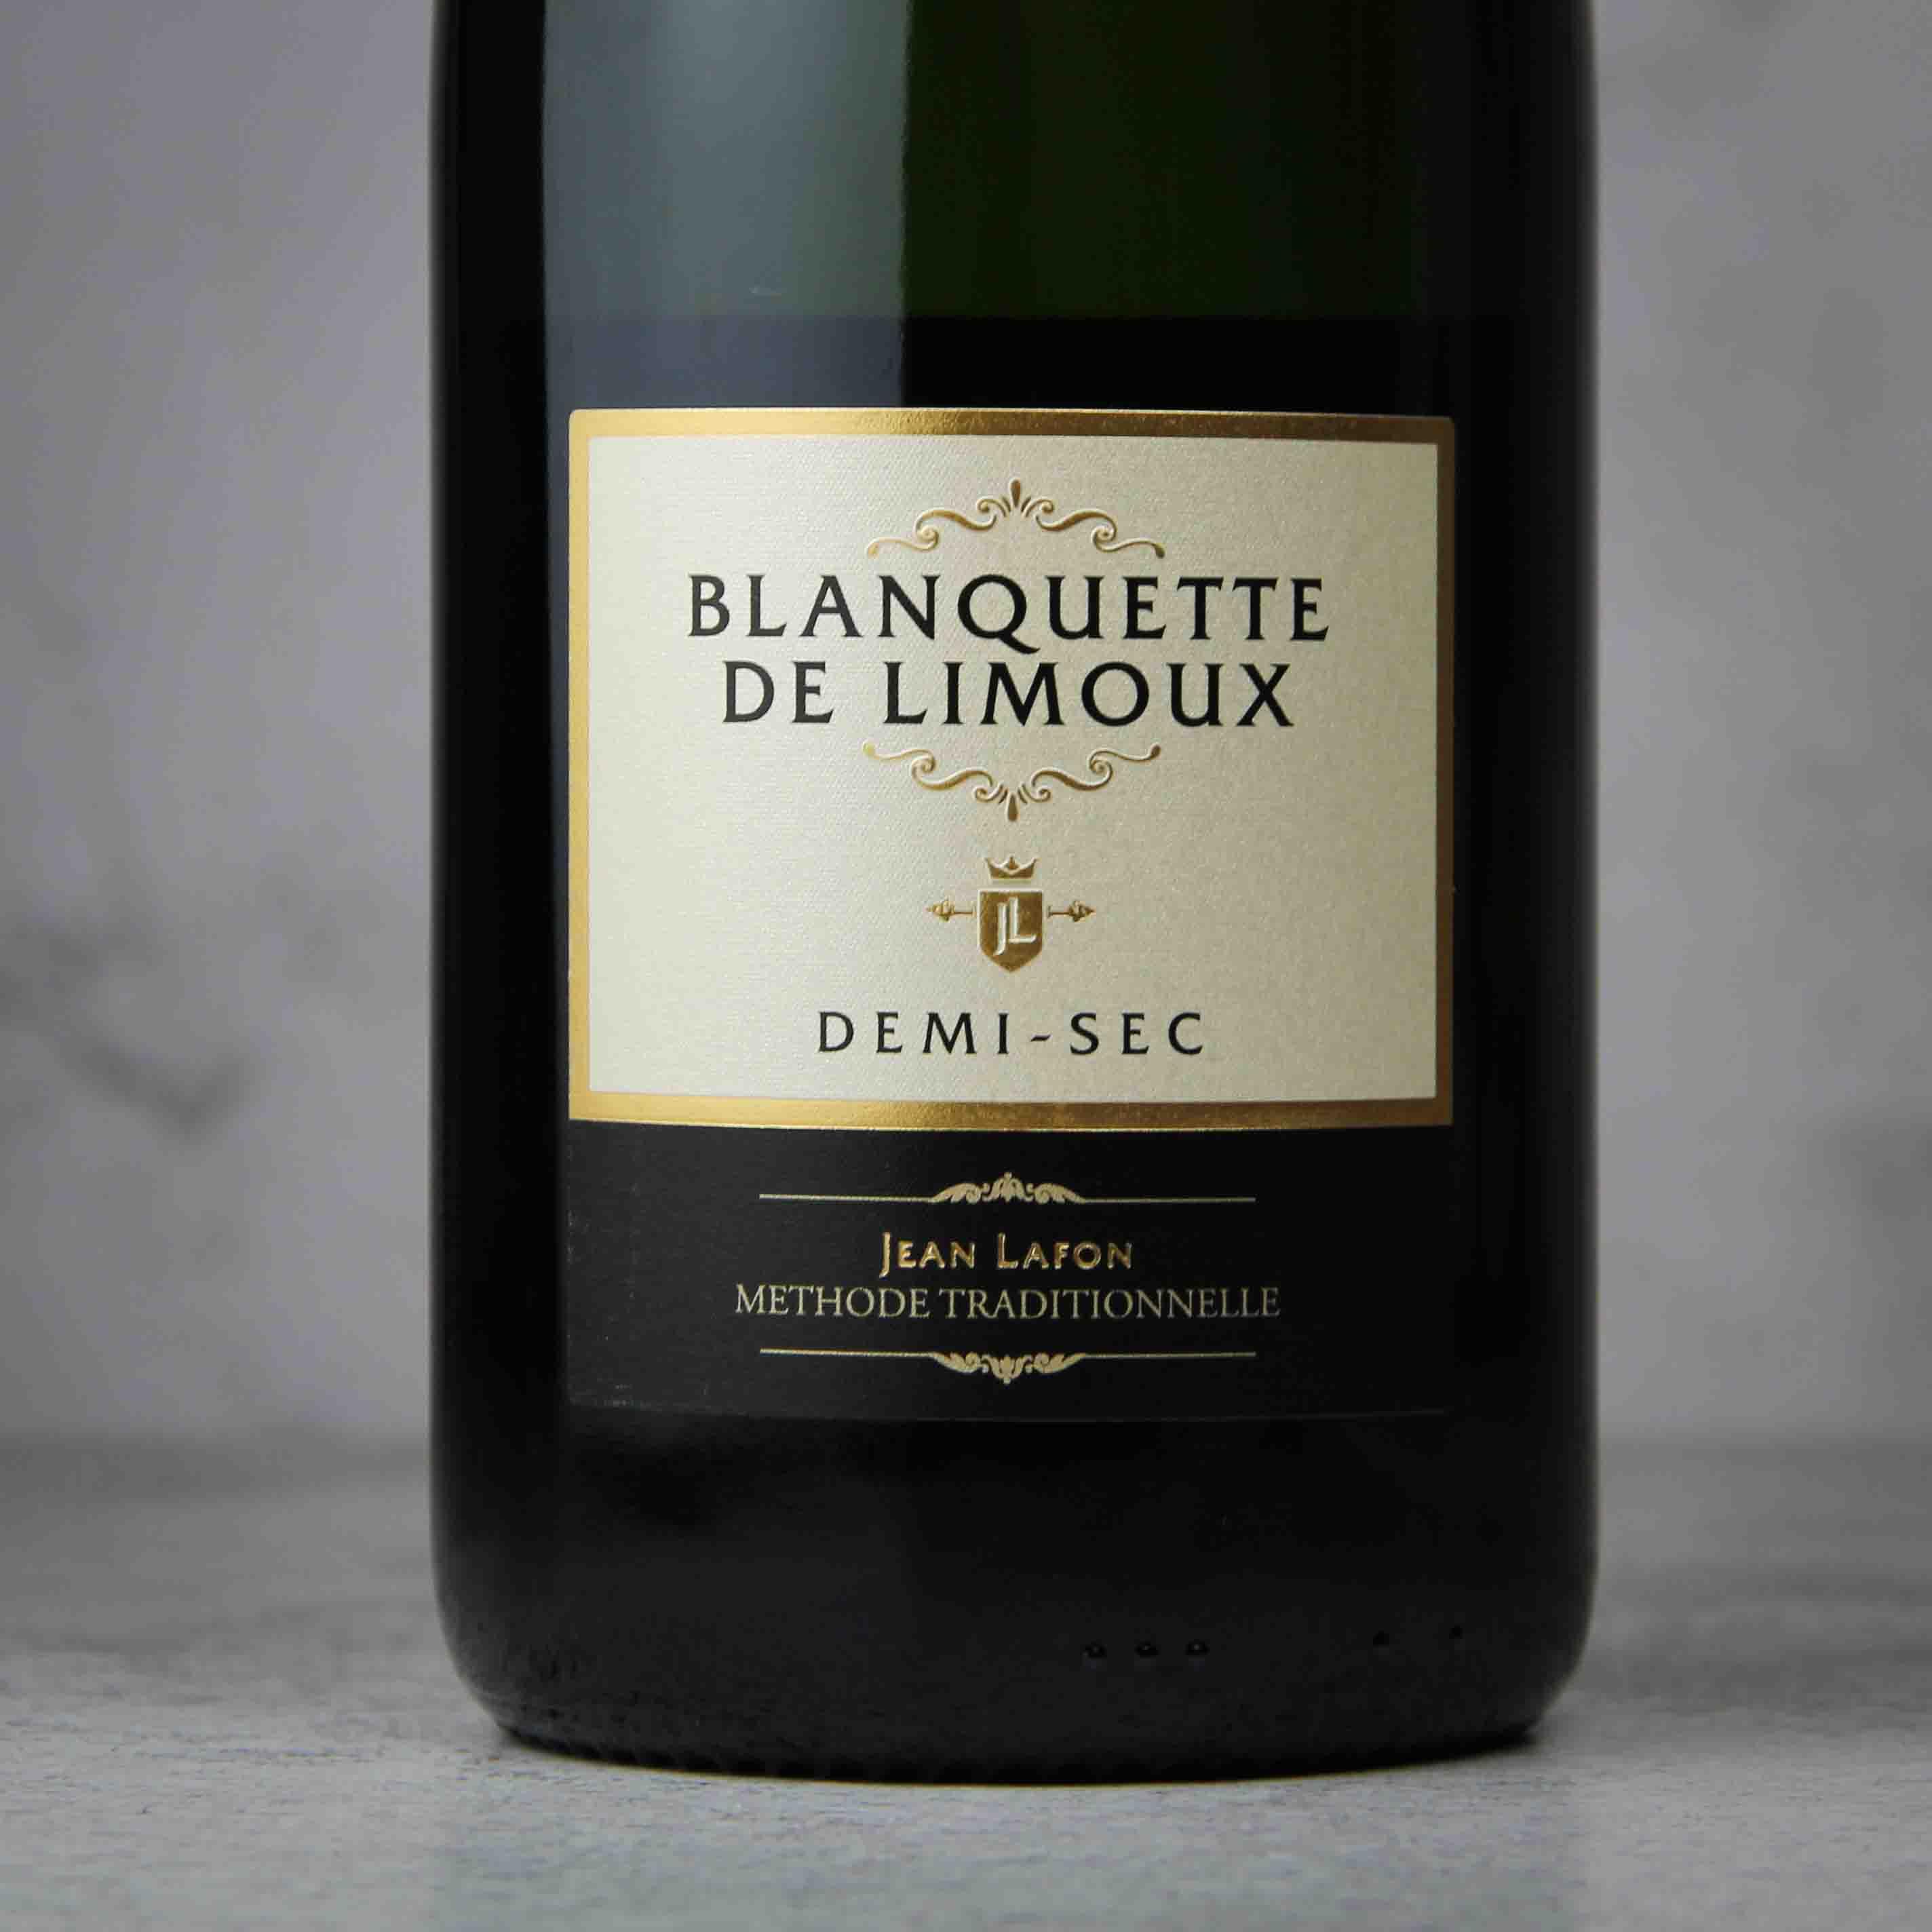 法国利穆·布朗克特让拉芳起泡葡萄酒